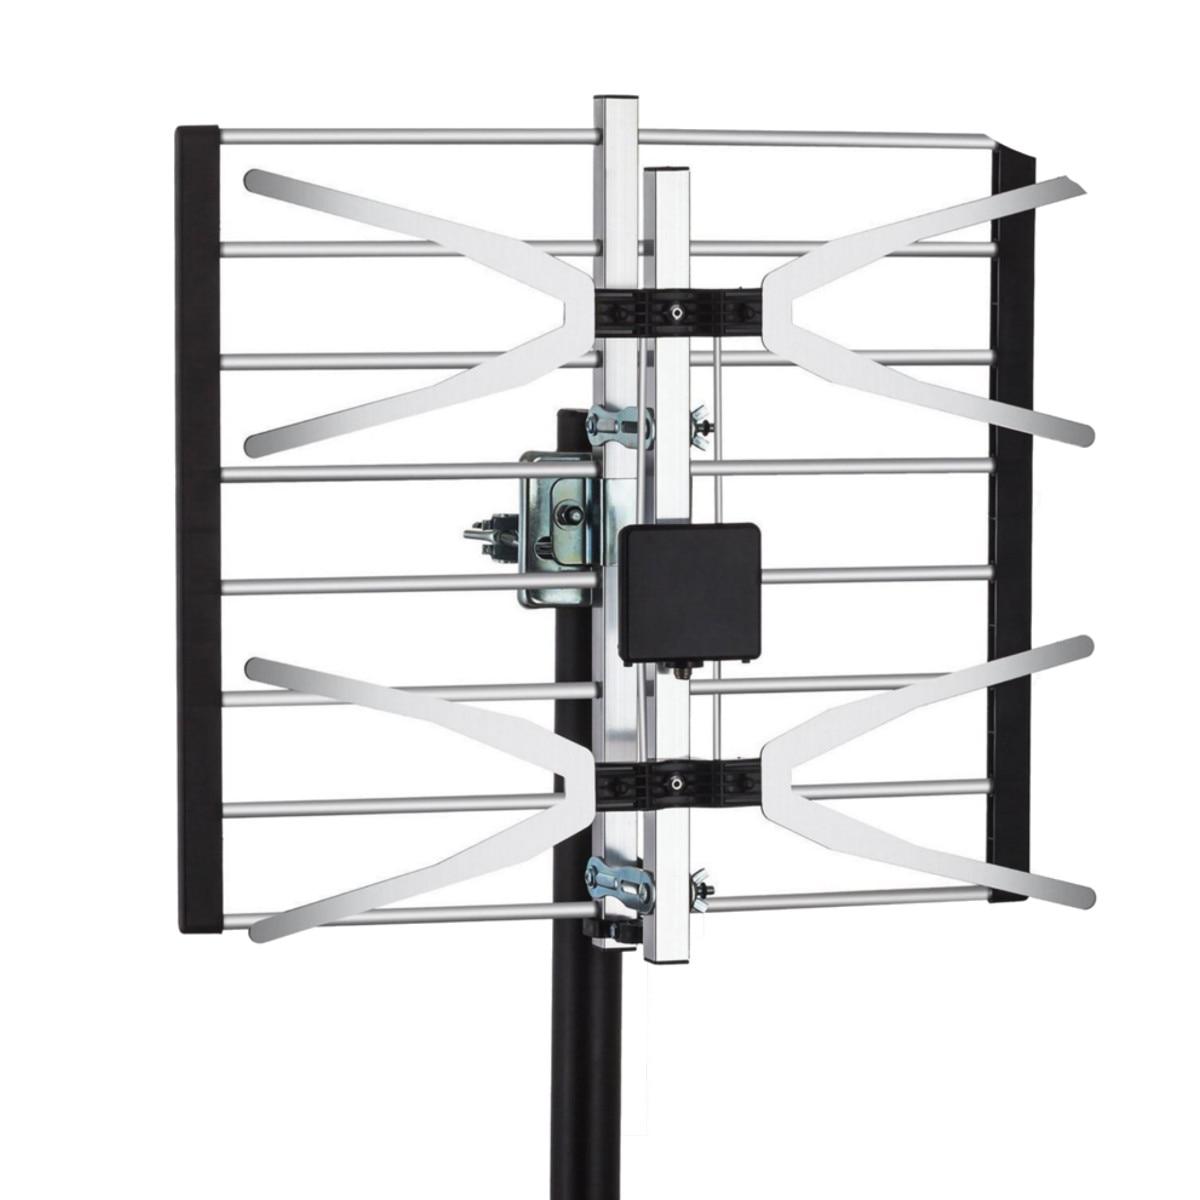 Extérieur 120 Miles gamme attique numérique intérieur amplifié antenne TV Aluminium HDTV Signal aérien Booster équipement TV récepteur